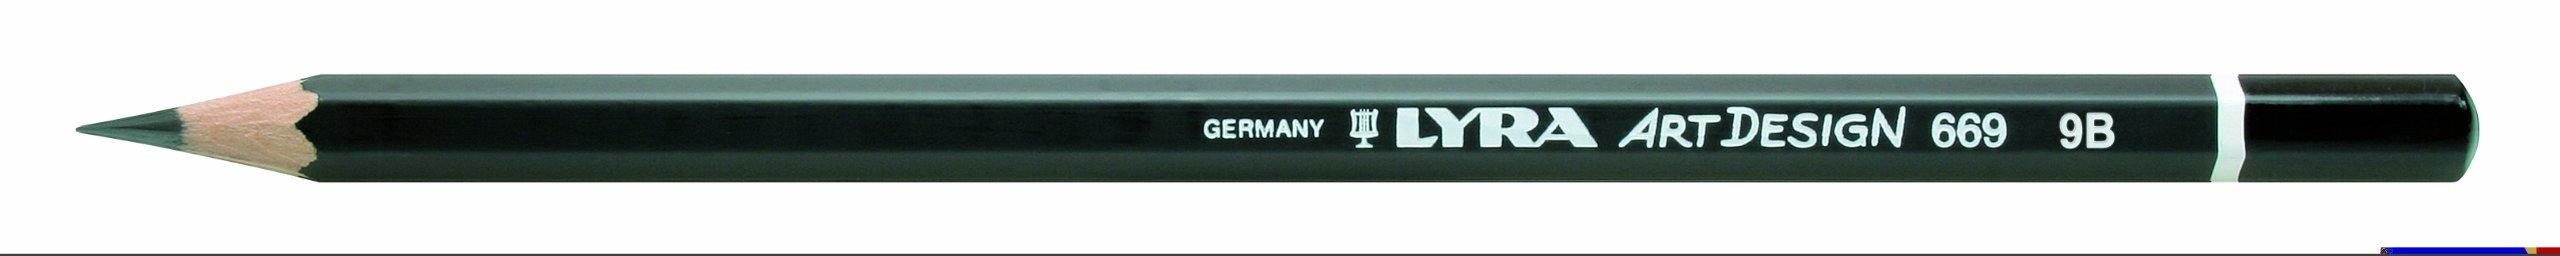 LYRA Rembrandt Art Design Drawing Pencil, 9B Lead, 1 Pencil (1110109)